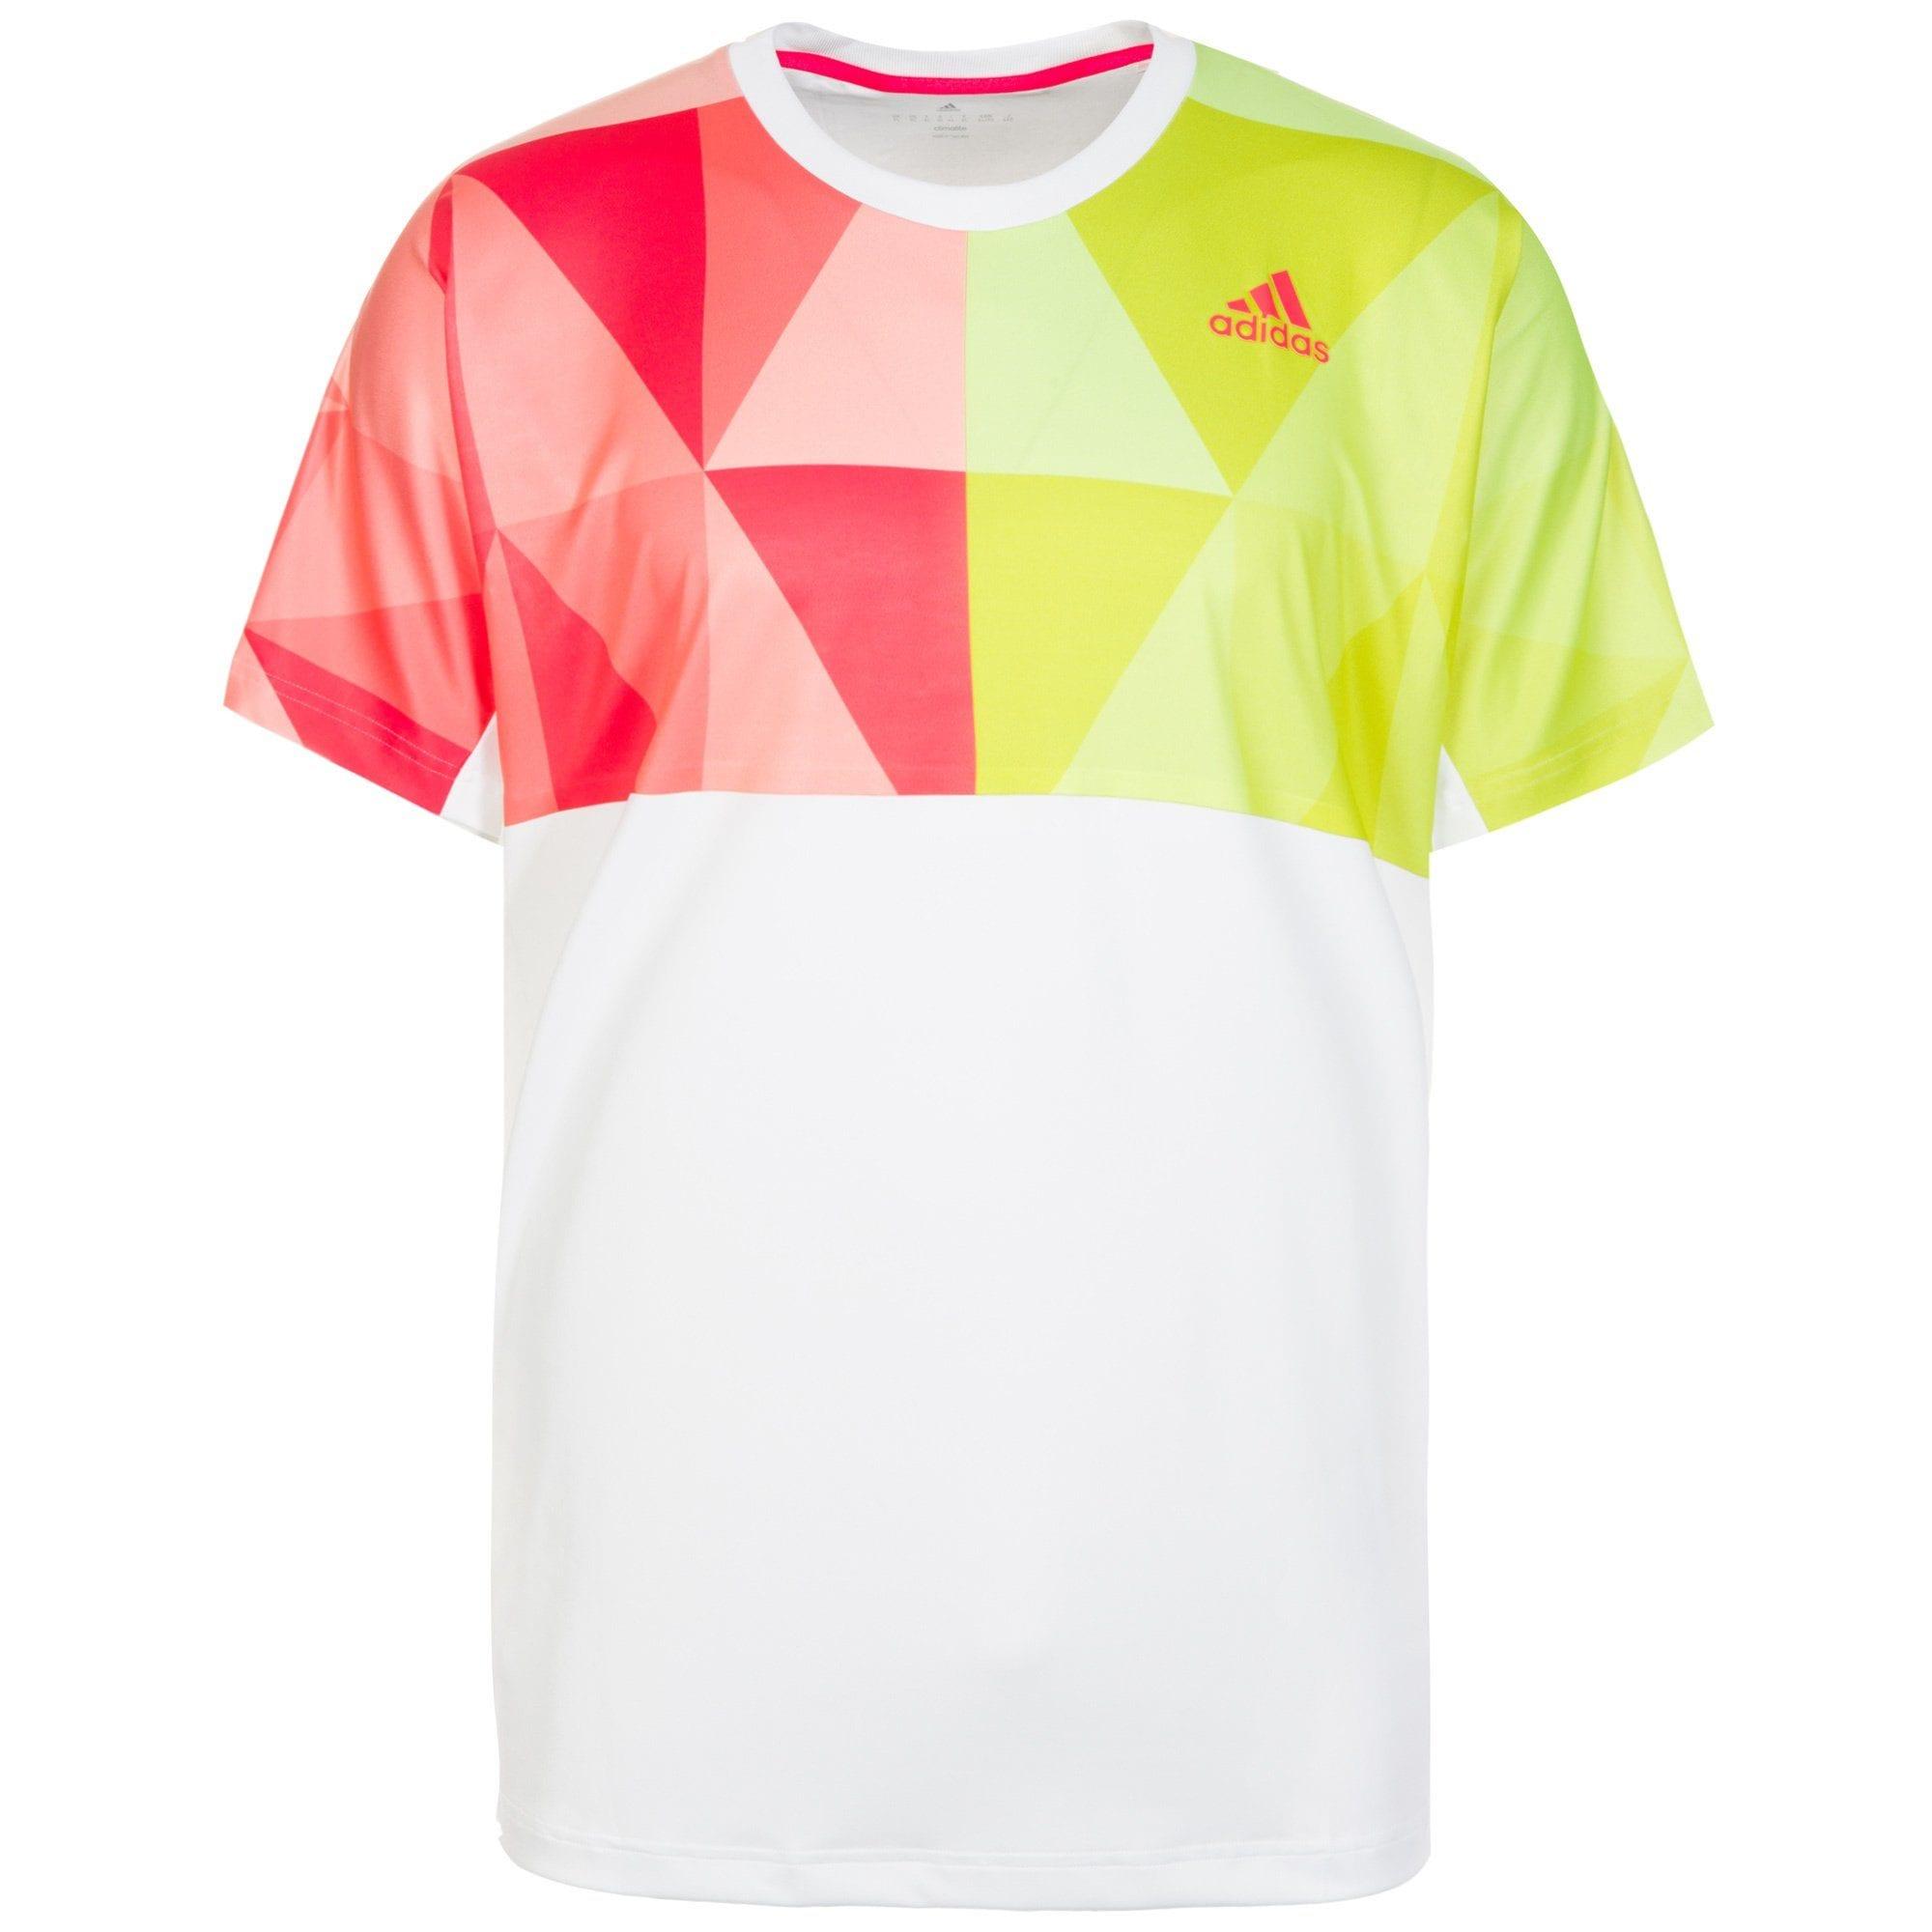 adidas Performance Multifaceted Pro Tennisshirt Herren Preisvergleich